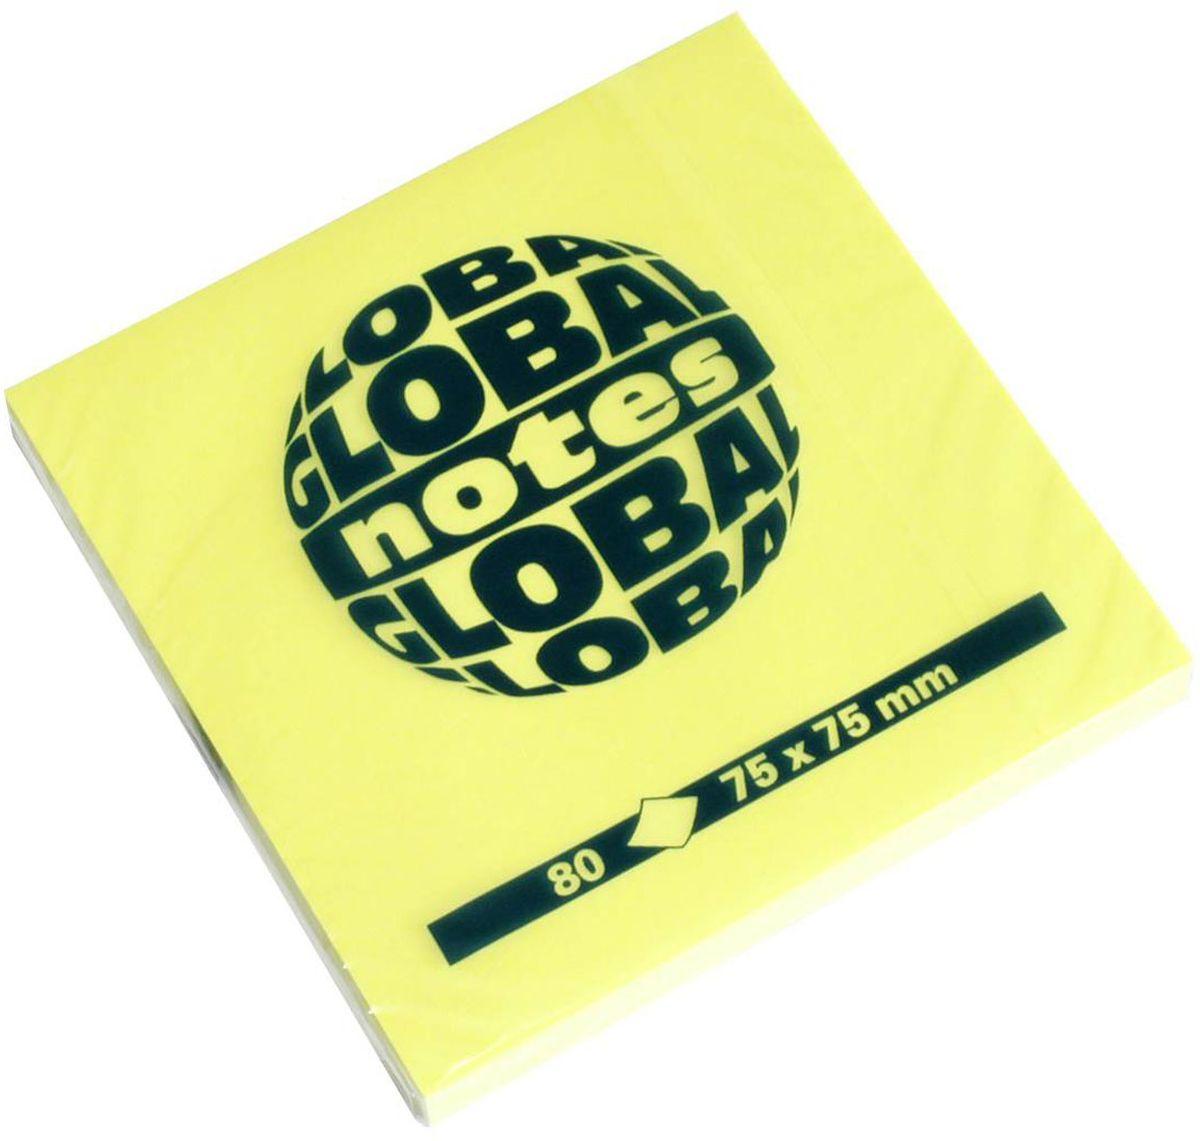 Global Notes Бумага для заметок с липким слоем цвет желтый 80 листов365434Бумага для заметок с липким слоем. Идеально подходит для информации, требующей особого внимания. Яркая цветовая гамма. Размер 75х75 мм. Цвет - ярко-желтый. В блоке 80 листов Плотность бумаги 70гр/м2